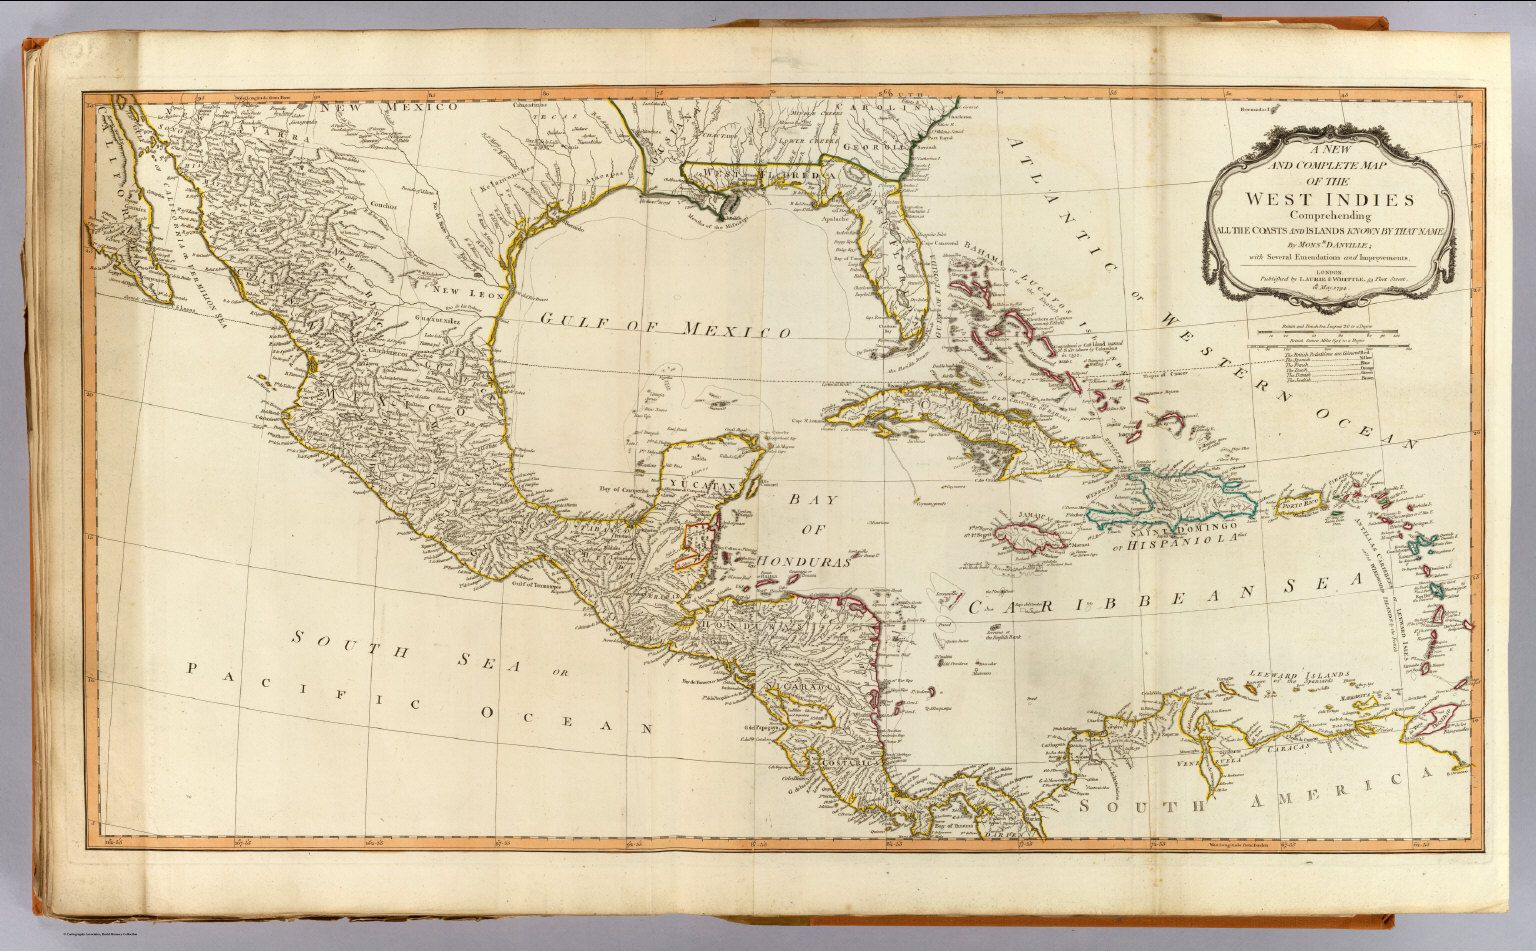 Robert Lighton British West Indies